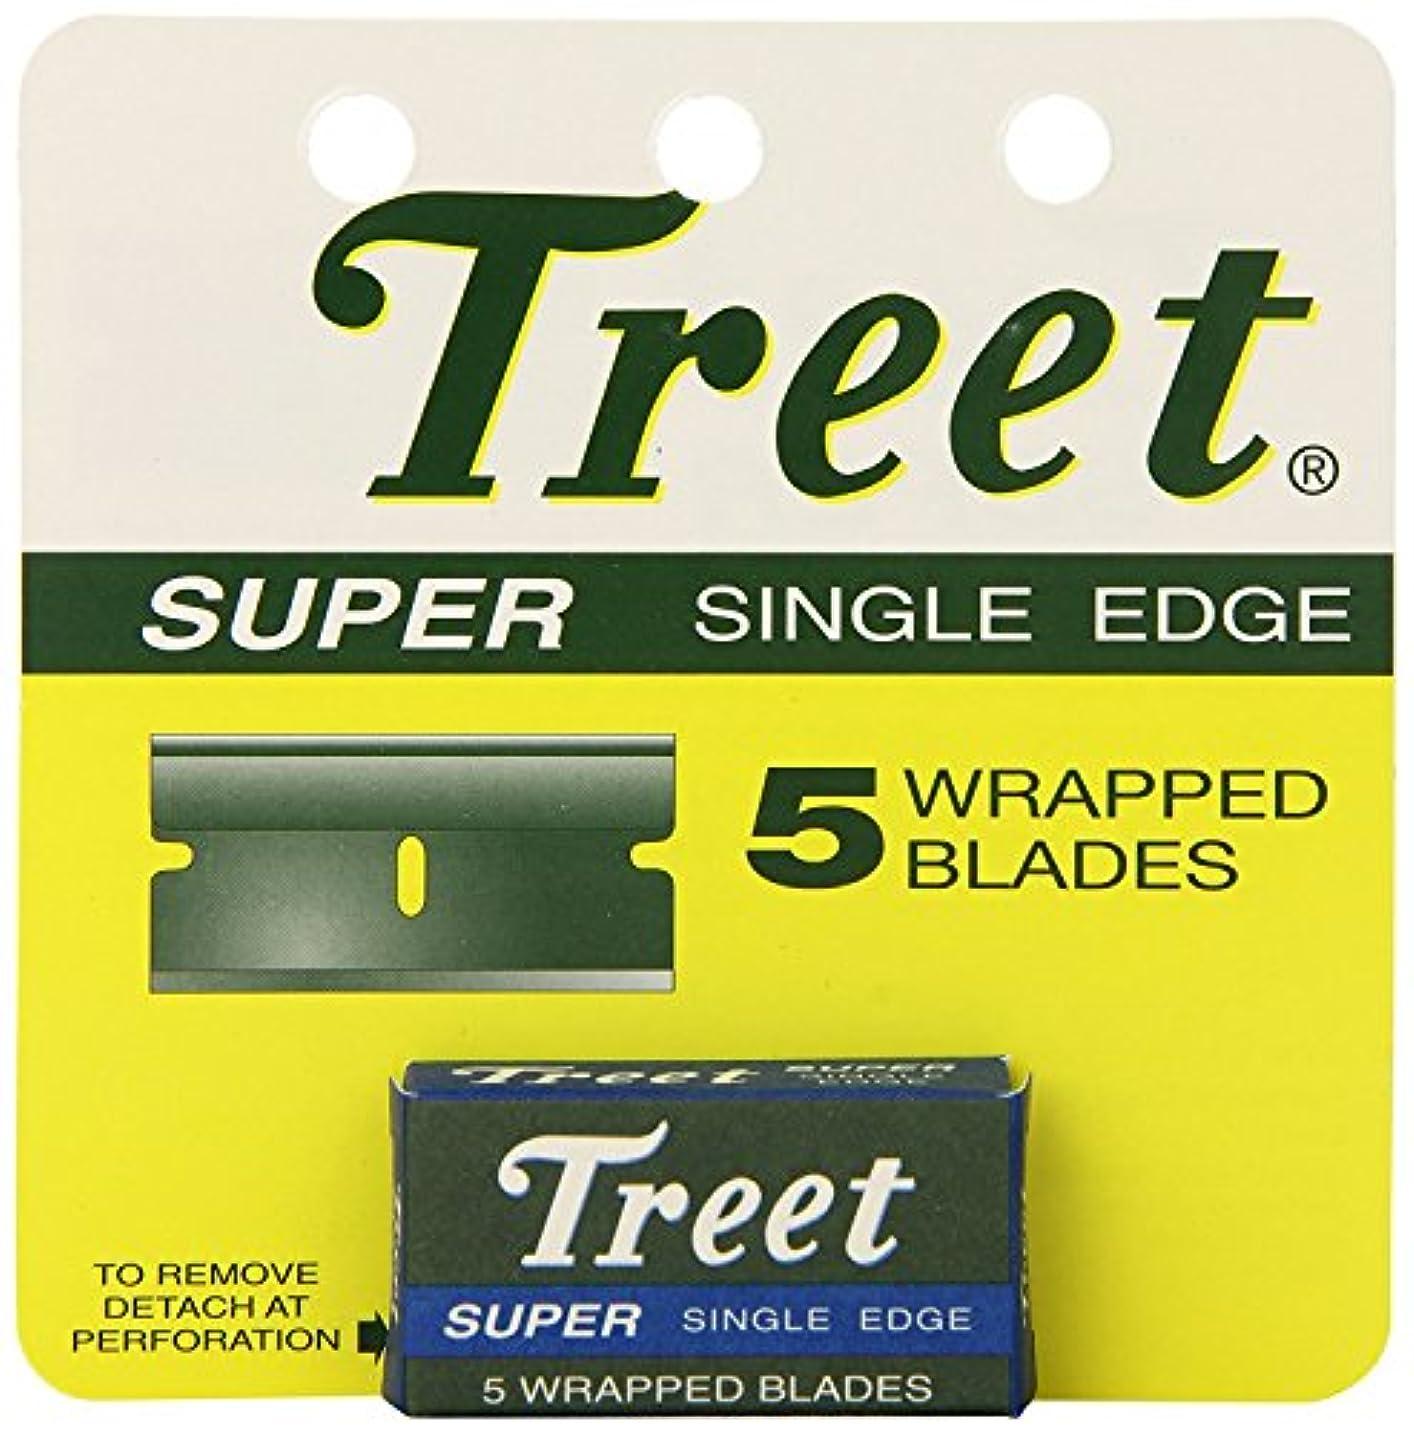 発症カスタムうまくやる()Treet スーパー シングル ブレード 替刃 5枚入り [並行輸入品]